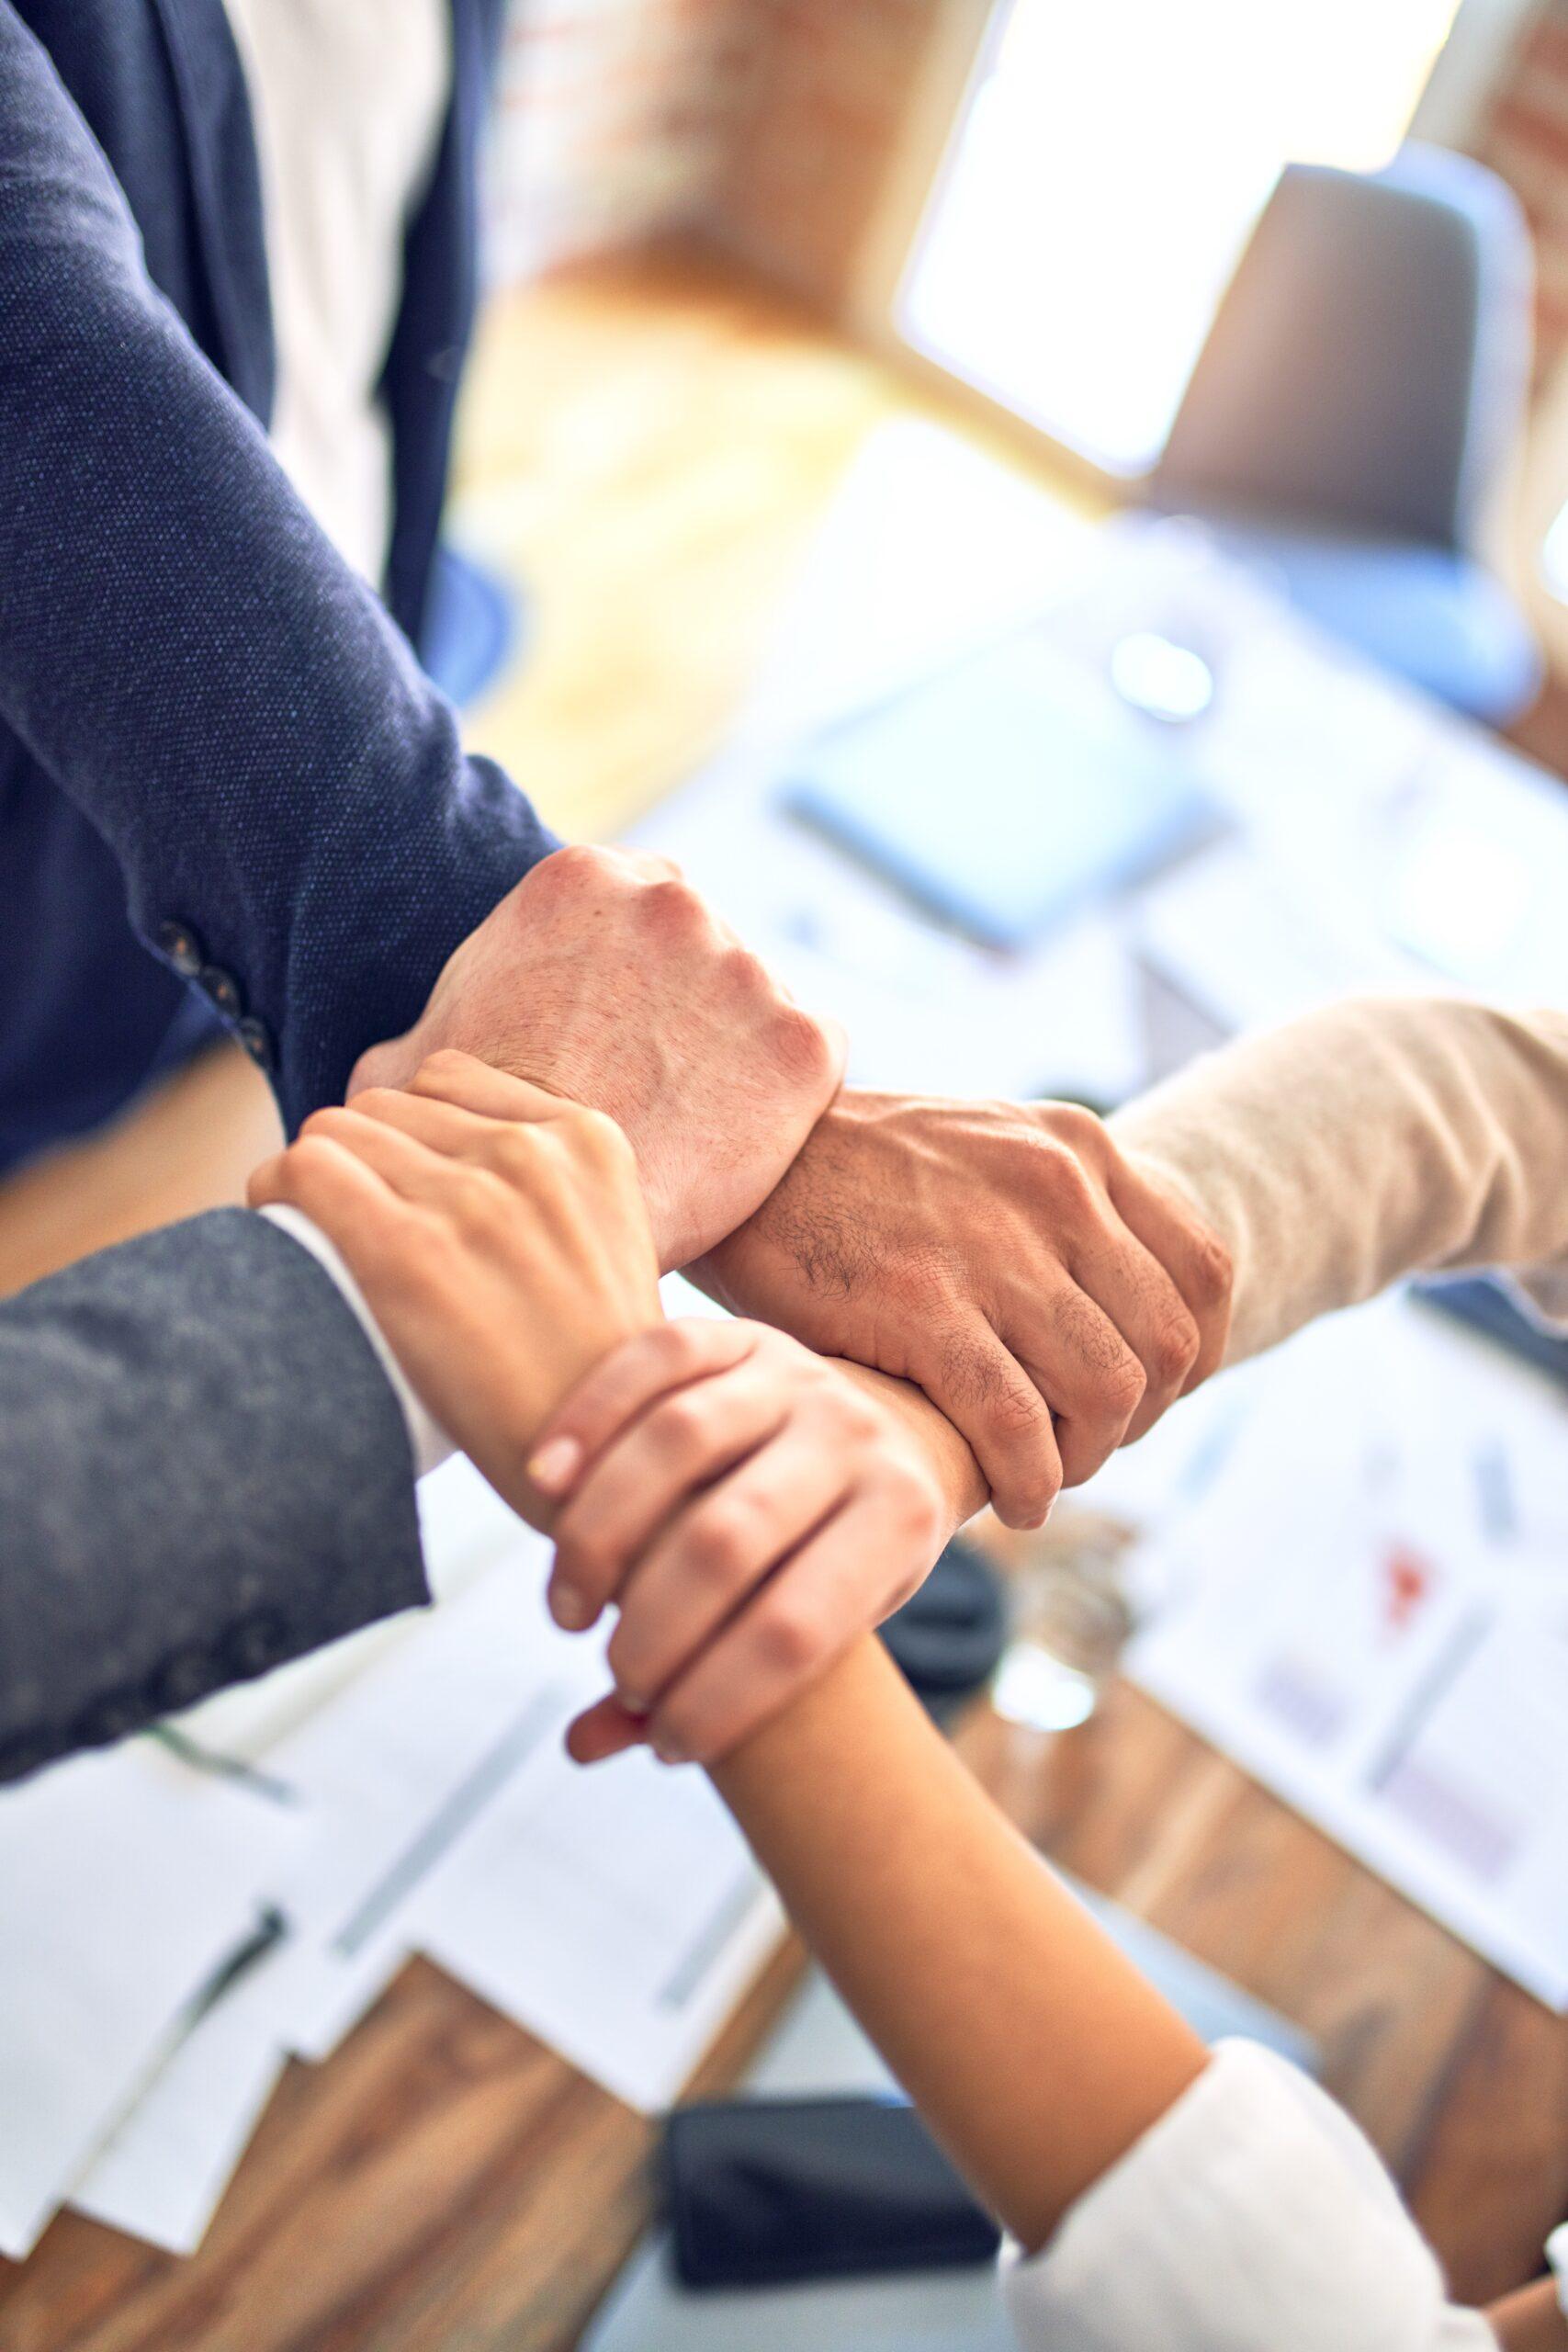 Le necessità del mercato per gli studi professionali